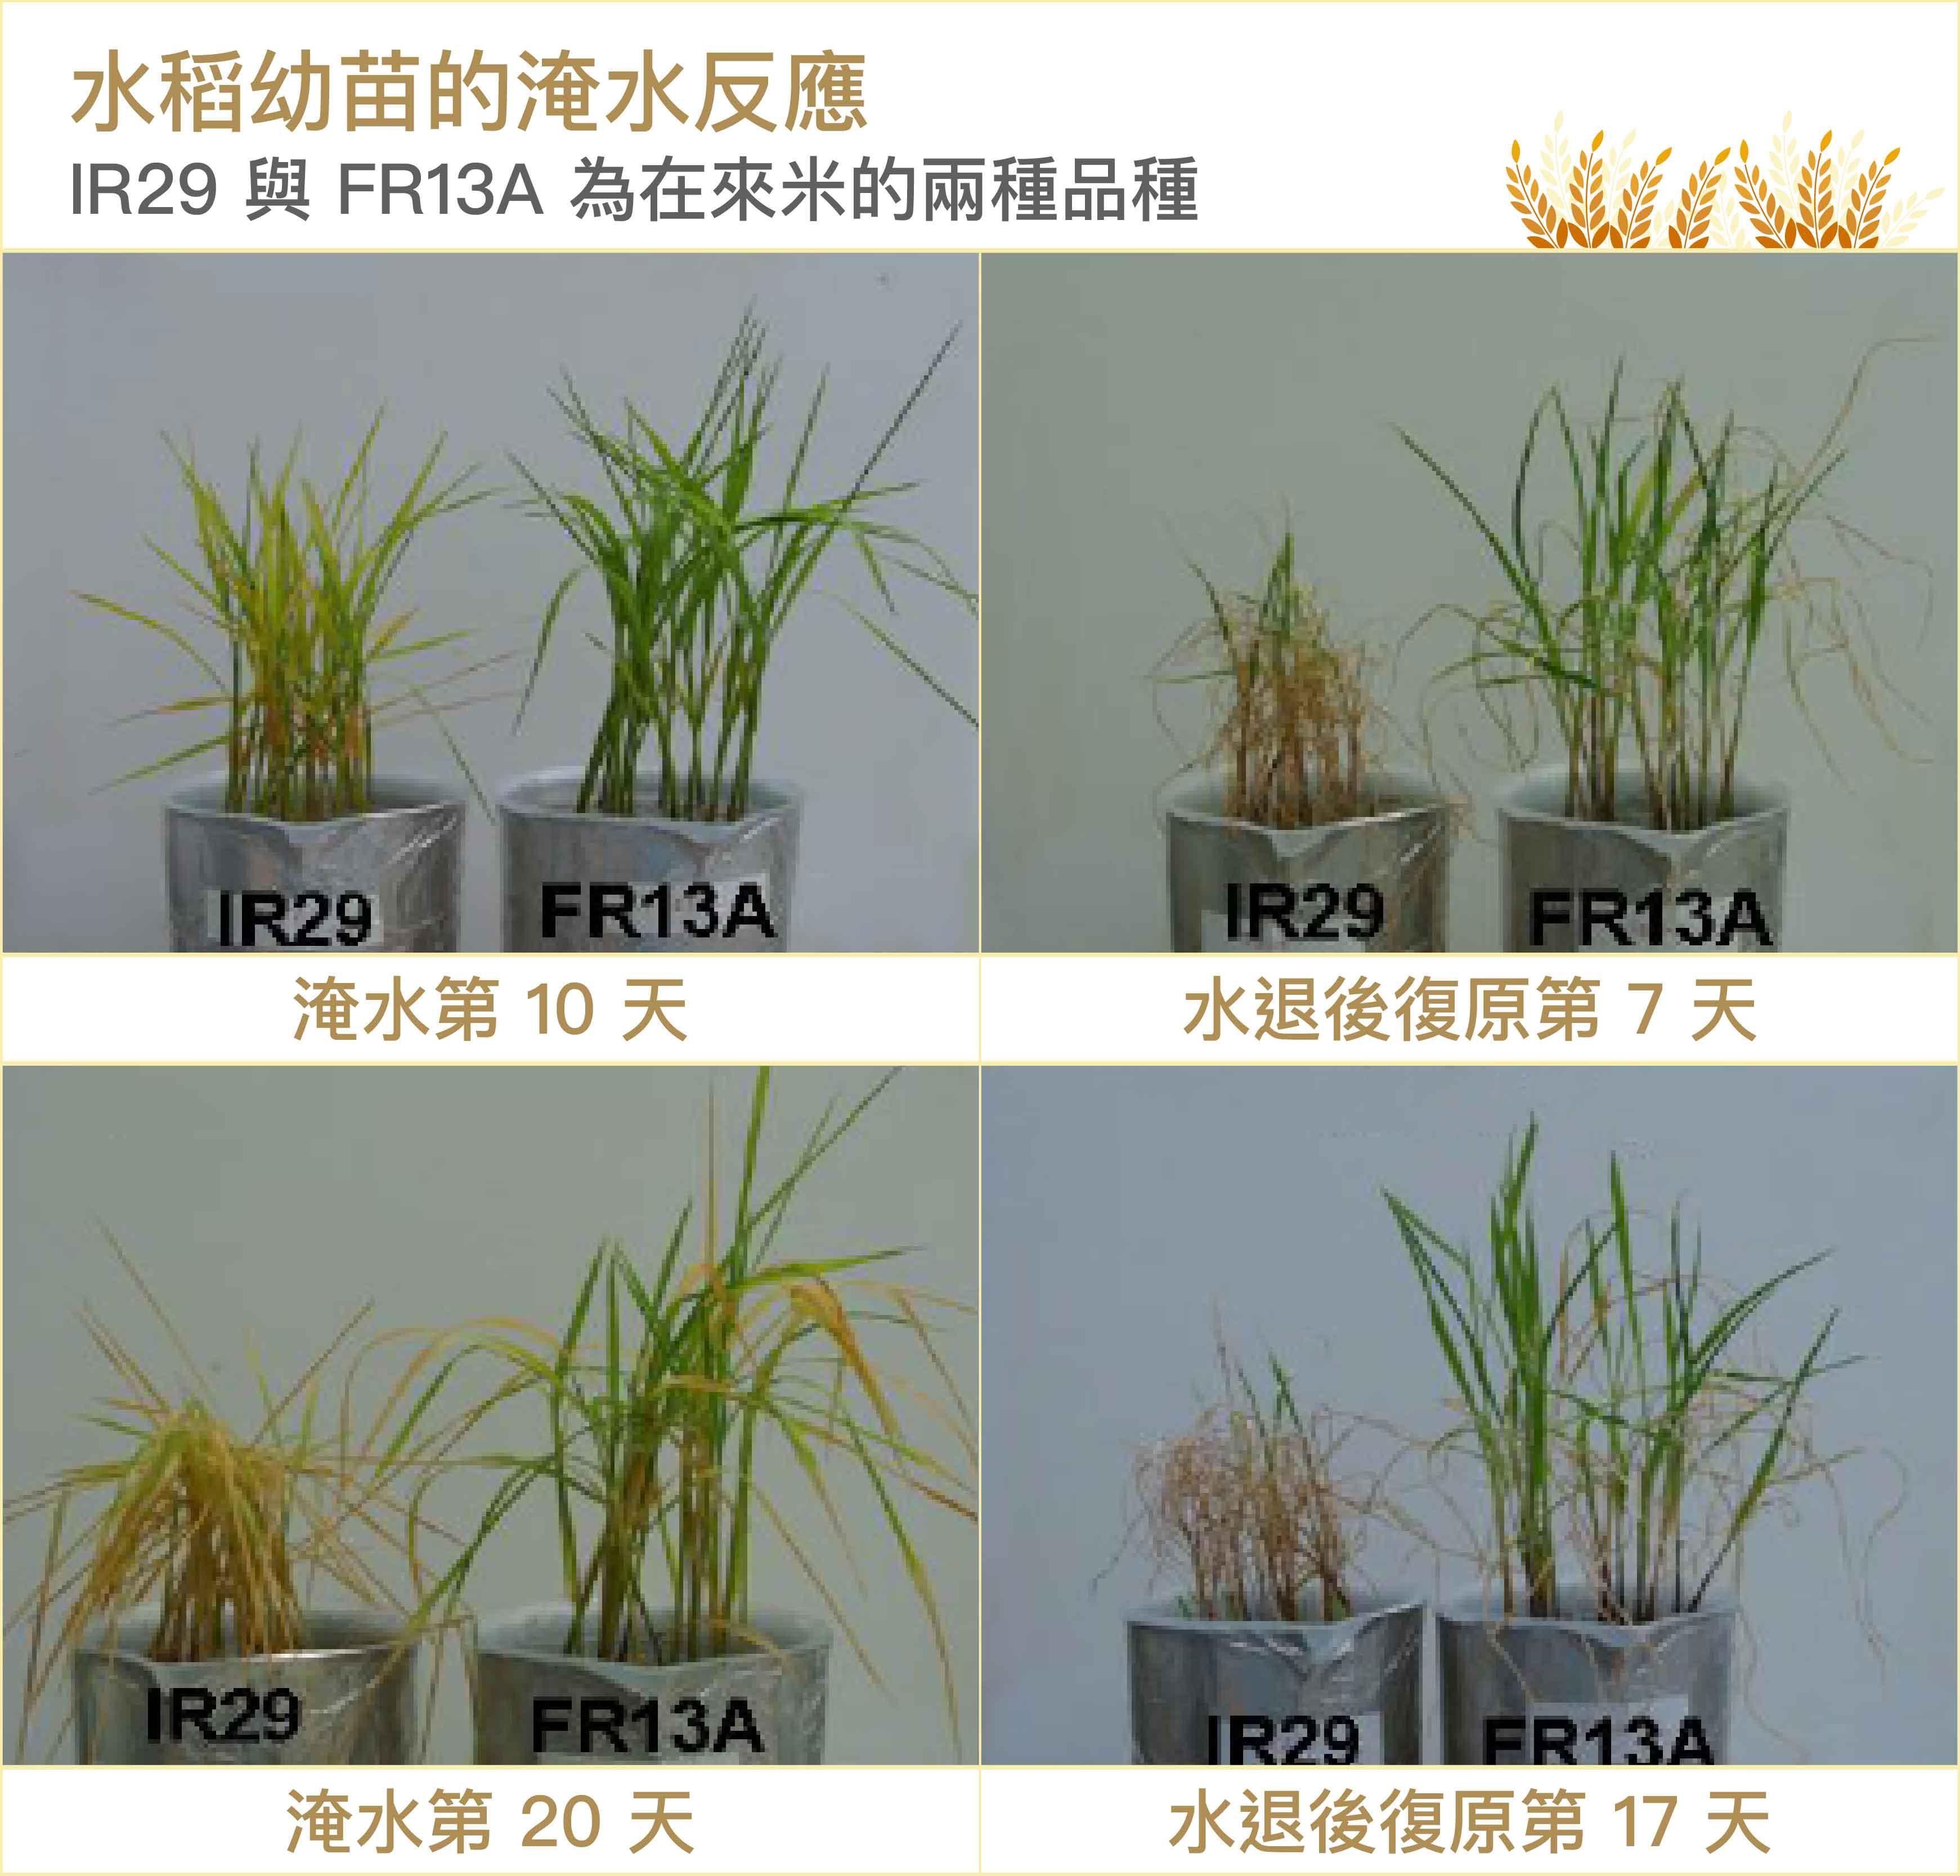 在來米的 FR13A 屬於「抗淹水」的品種,水淹根部時因缺氧稍微枯萎,但水退後不會因為突然獲得很多氧氣而造成氧化反應、細胞死亡。圖│研之有物 (資料來源│林致成)